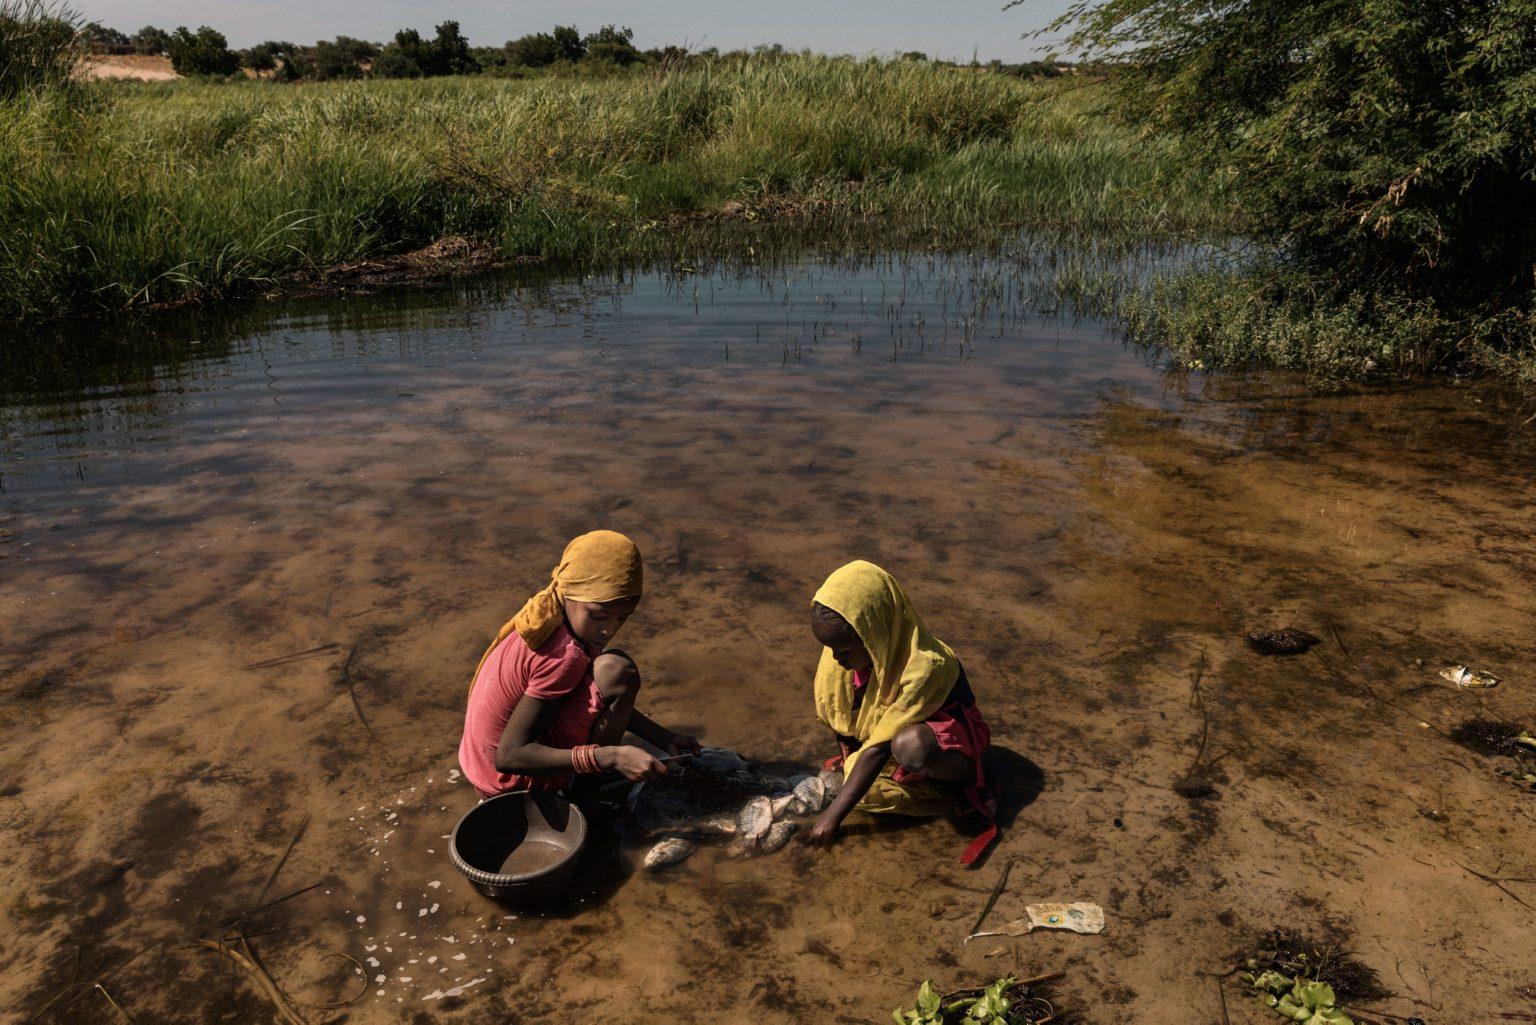 Africa, Chad, Bol, October 2018 - A severe humanitarian crisis is underway in the Lake Chad basin. Over two million refugees, as well as five million people are at risk of food insecurity and 500,000 children are suffering from acute malnutrition. Lake Chad is shrincking rapidly, due to desertification that is threatening the very existence of the people who live on its banks and the ecosystem of its waters. Chad was once the fourth largest lake in Africa. However, since the 1950s its surface has shrunk by 90%. >< Africa, Ciad, Bol, Ottobre 2018 - Una grave crisi umanitaria si sta abbattendo sul Lago Ciad. Oltre due milioni di rifugiati e cinque milioni di persone sono minacciati dall?insicurezza alimentare; 50,000 bambini soffrono di malnutrizione acuta. Il Lago Ciad si sta restringendo rapidamente per via della desertificazione che sta mettendo in pericolo l'esistenza stessa delle persone che vivono sulle sue sponde e l'ecosistema delle sue acque. Ciad era un tempo uno dei quattro laghi più grandi in Africa. Tuttavia, dal 1950 la superficie si è ridotta del 50%.*** SPECIAL   FEE   APPLIES *** *** Local Caption *** 01362888